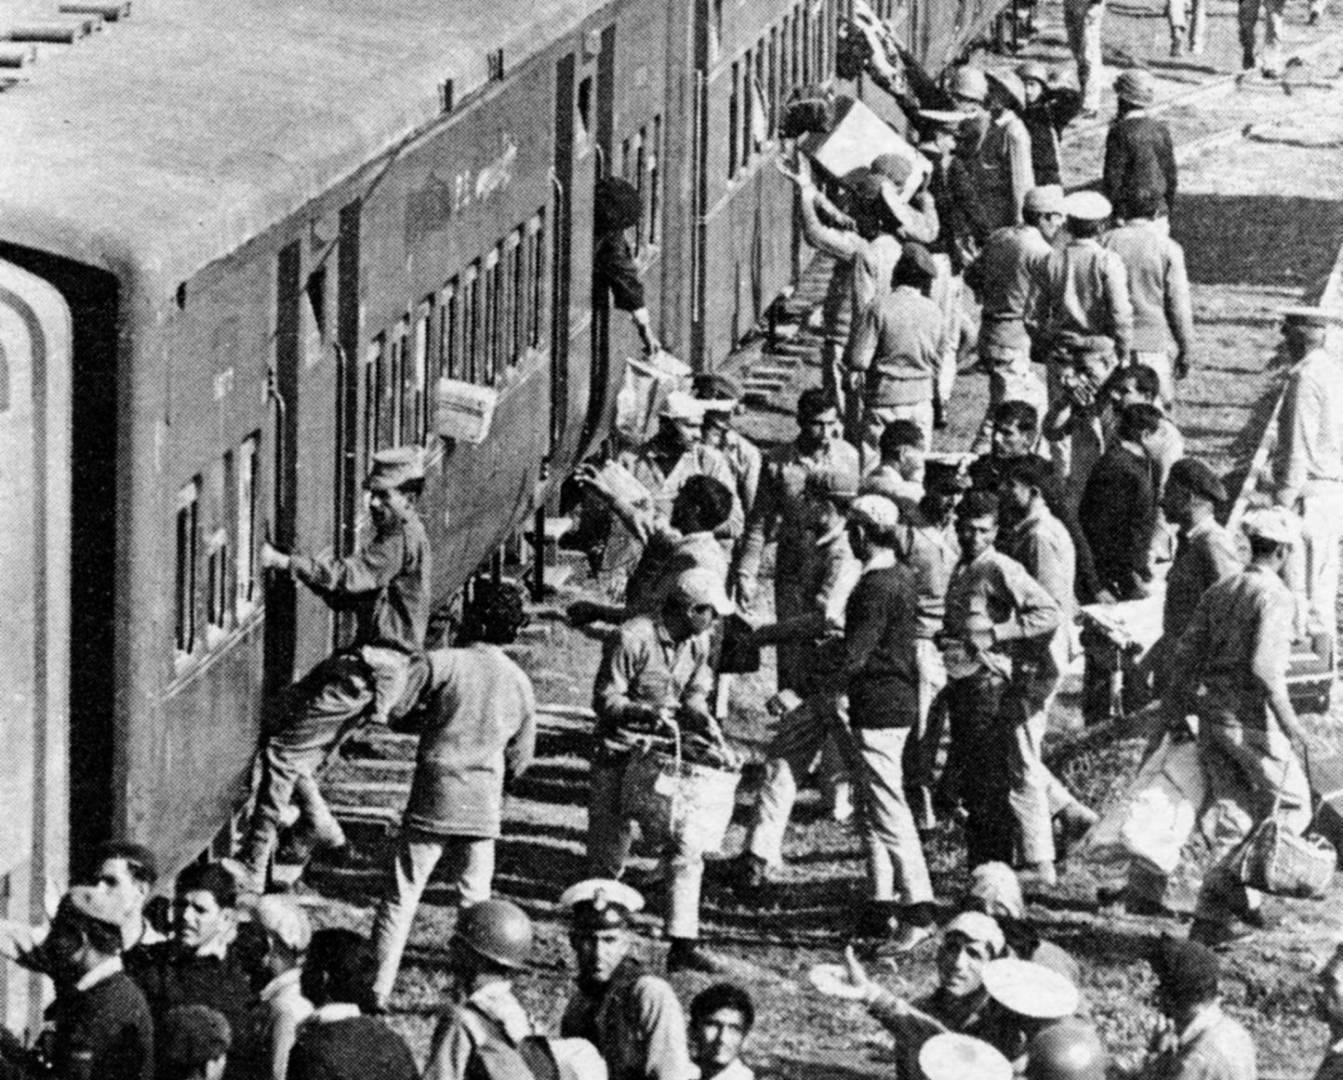 الجنود الباكستانيون الأسرى يركبون القطار الذي يقلهم إلى معسكر الاعتقال الهندي.. صورة أرشيفية